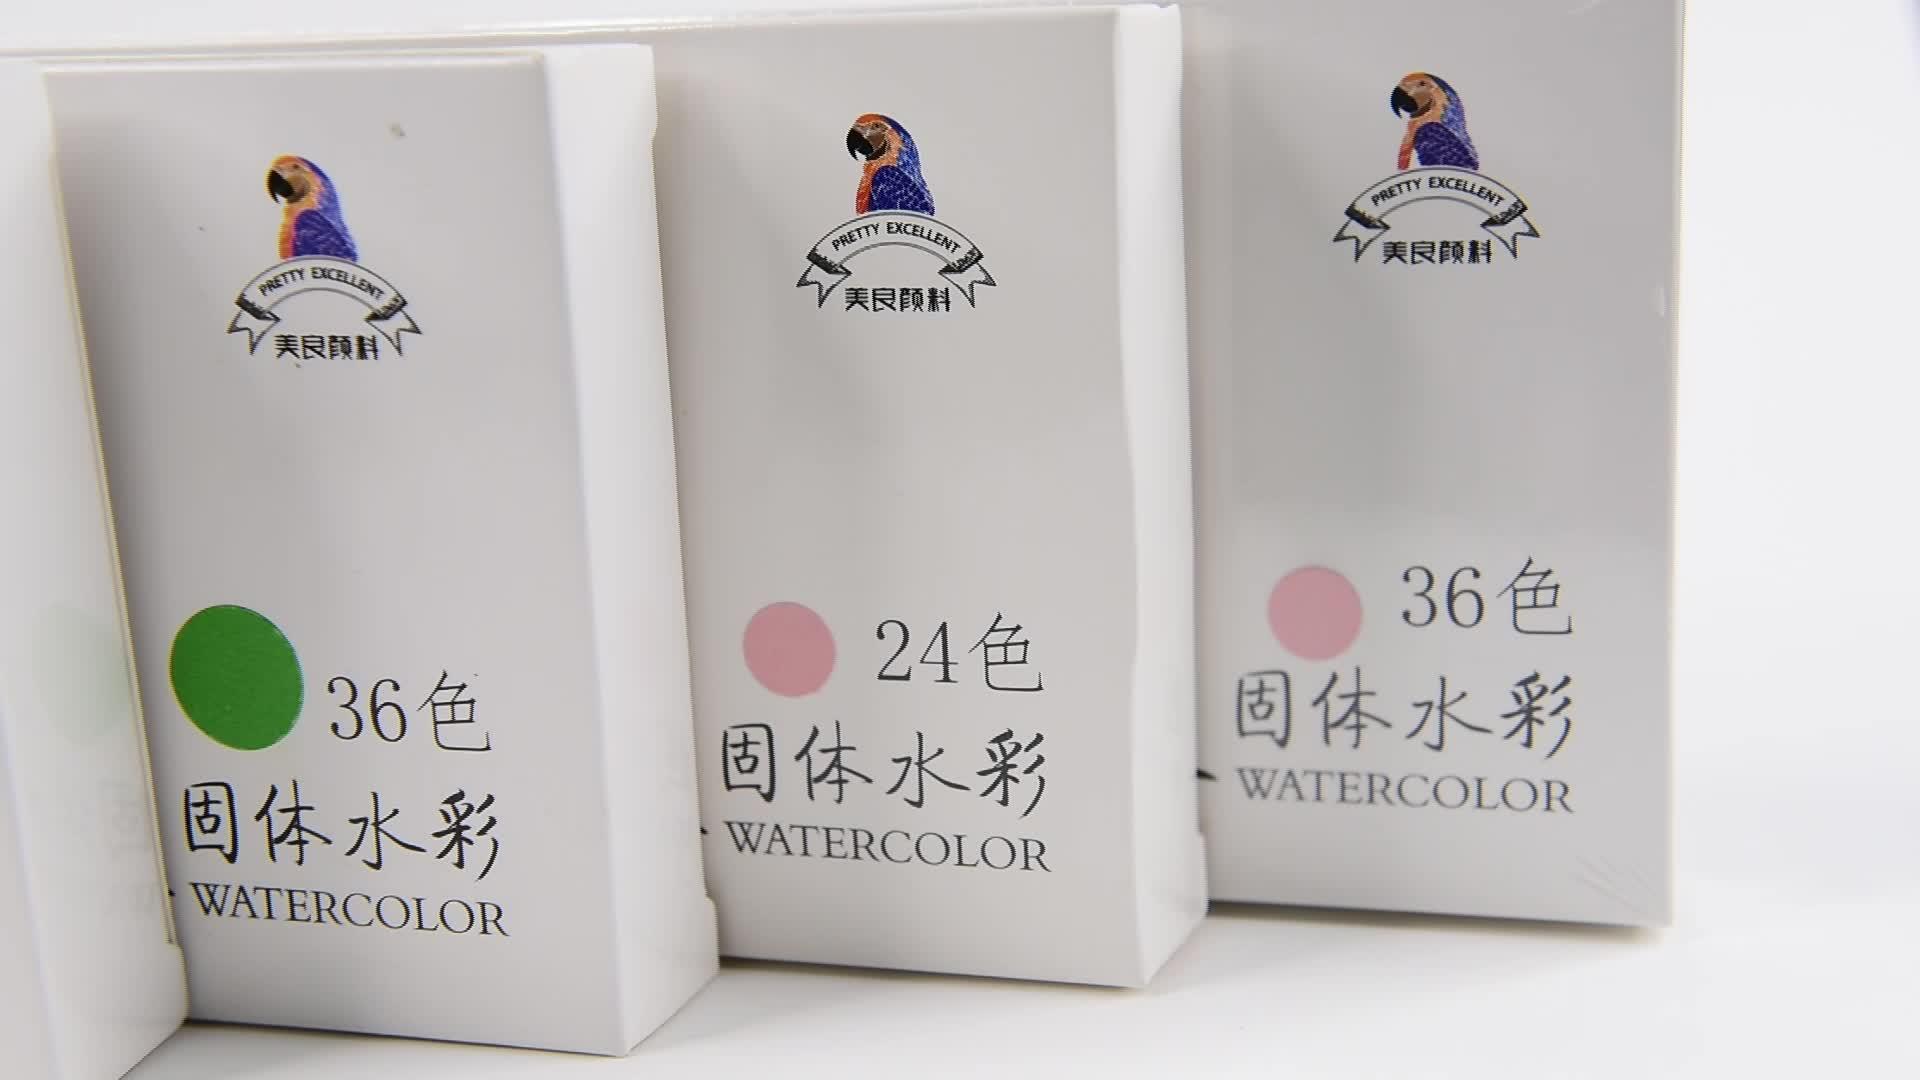 Mei Liang Top Bán 36 Màu Sắc Màu Nước Bộ Aquarelle Màu Nước Sơn Màu Sắc Cho Sinh Viên Và Người Mới Bắt Đầu